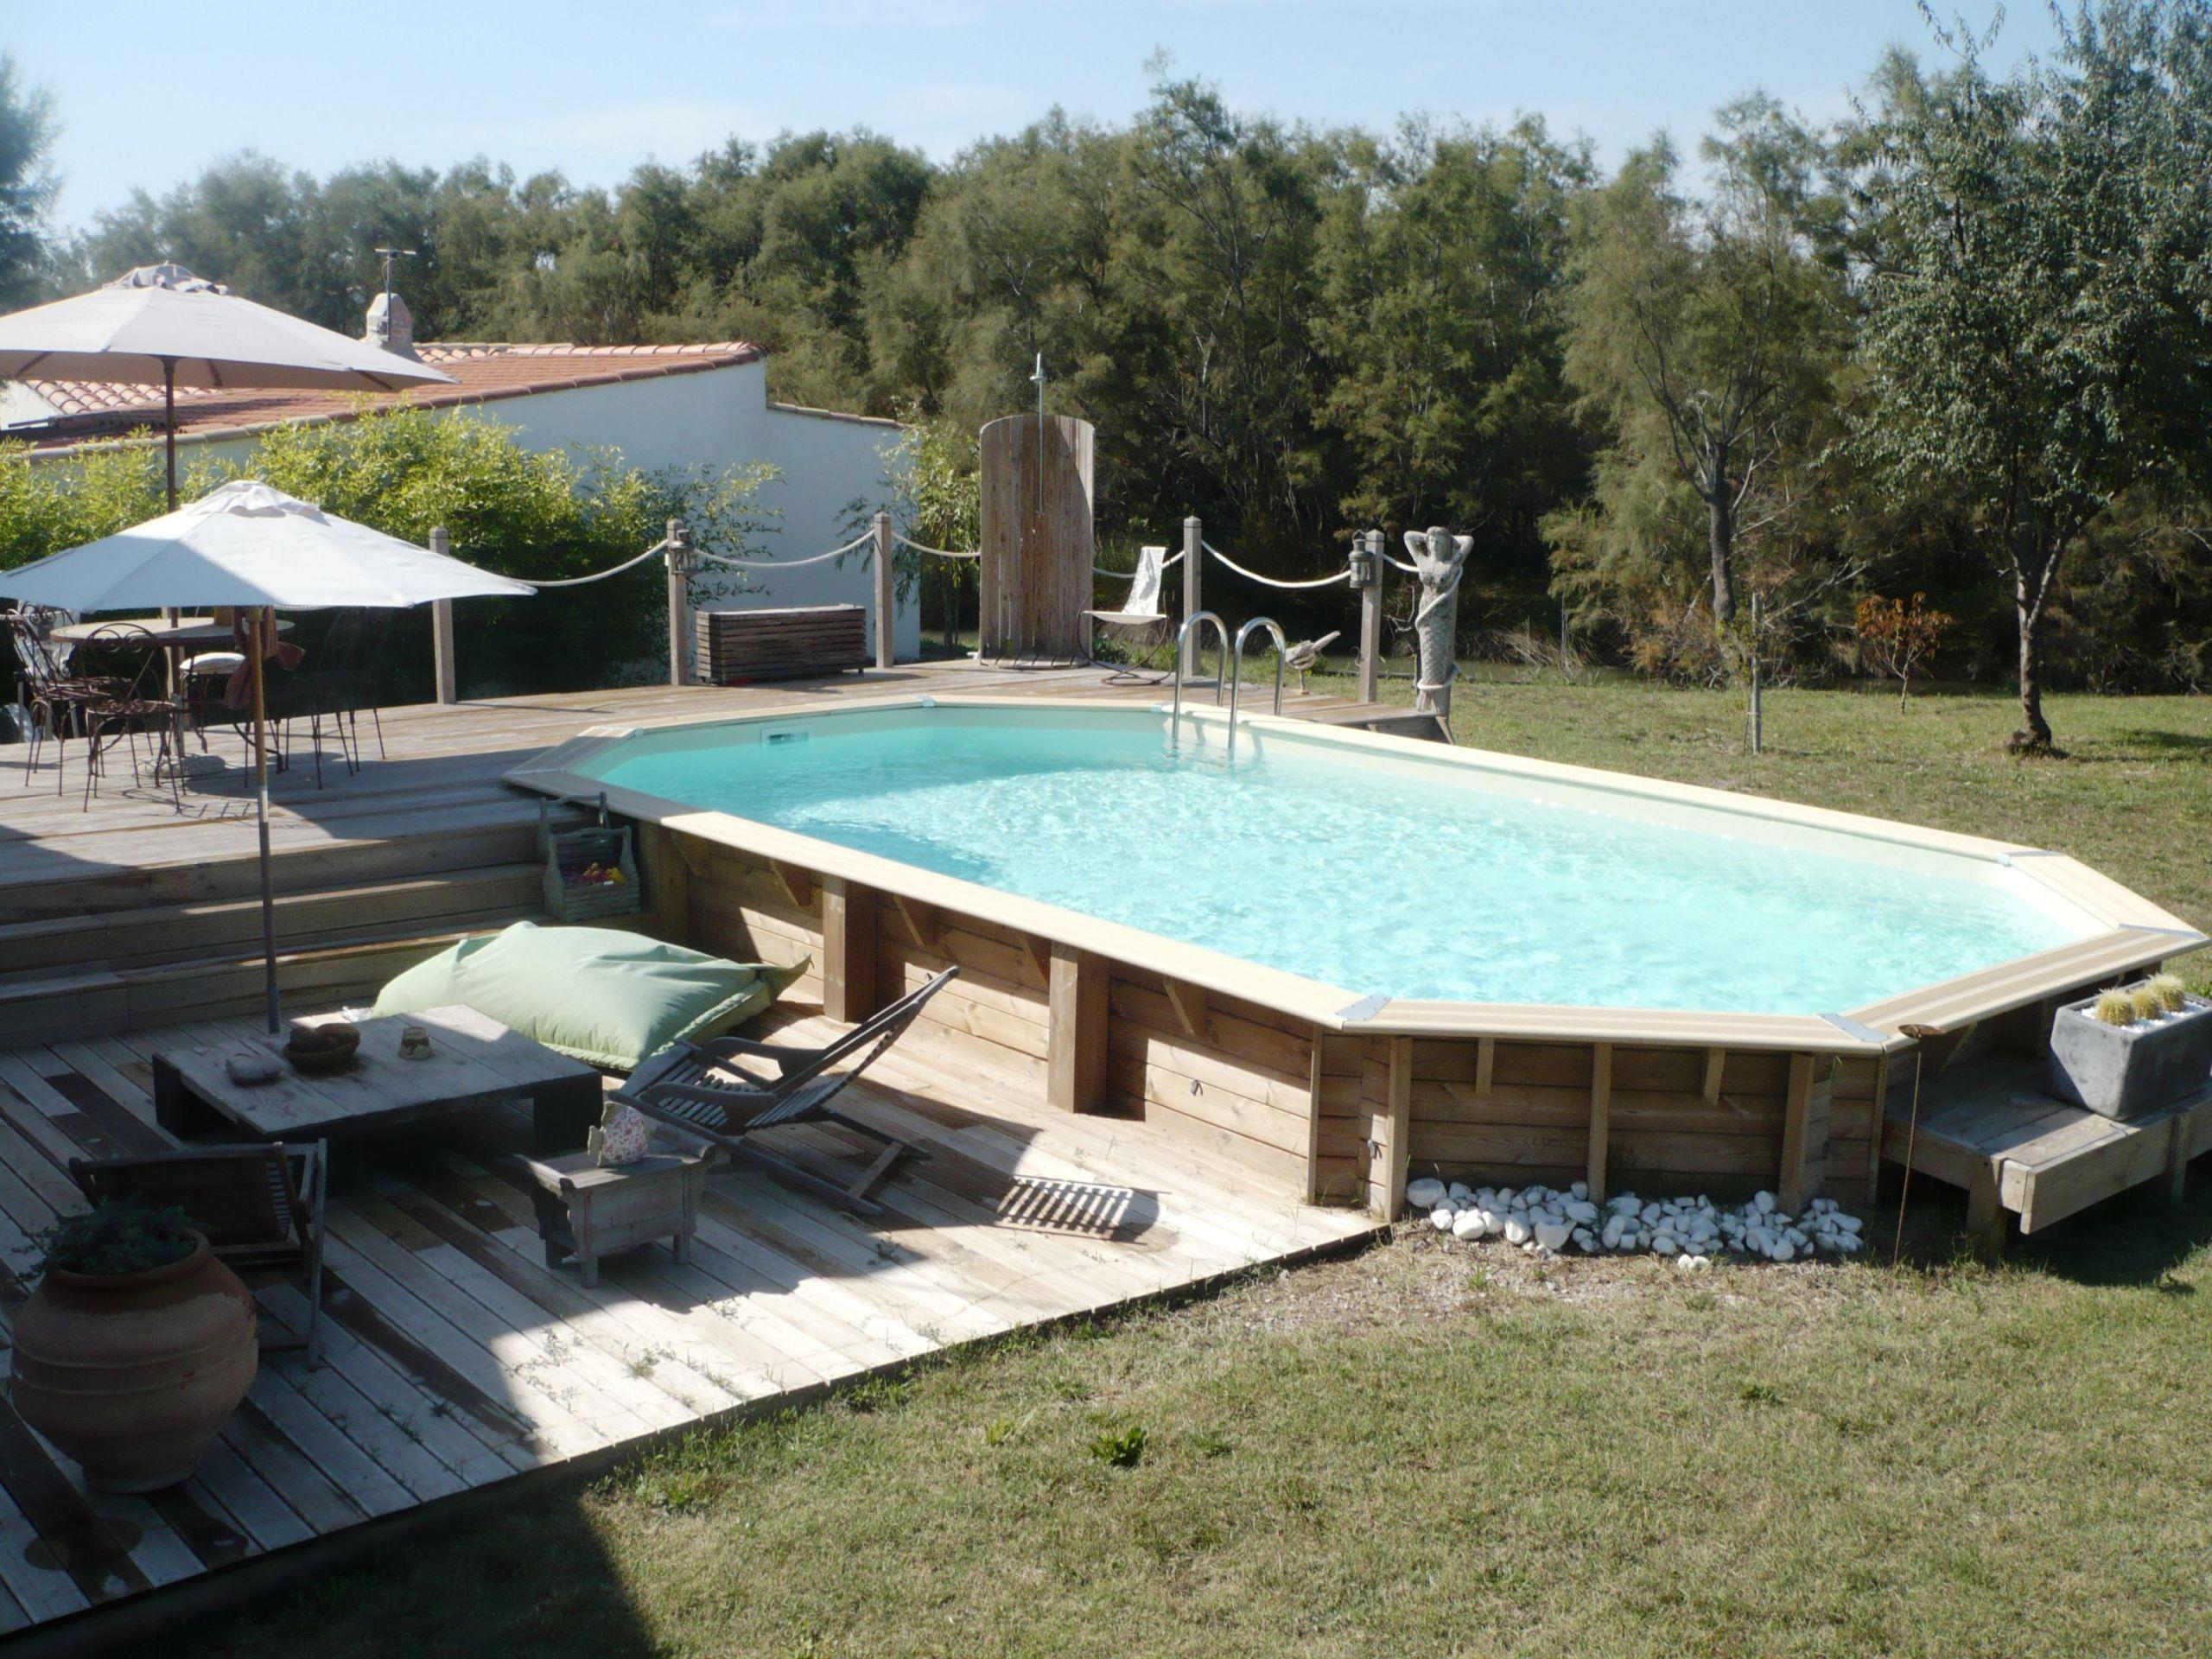 Piscine Bois Avec Terrasse piscine avec terrasse bois piscine hors sol en bois semi